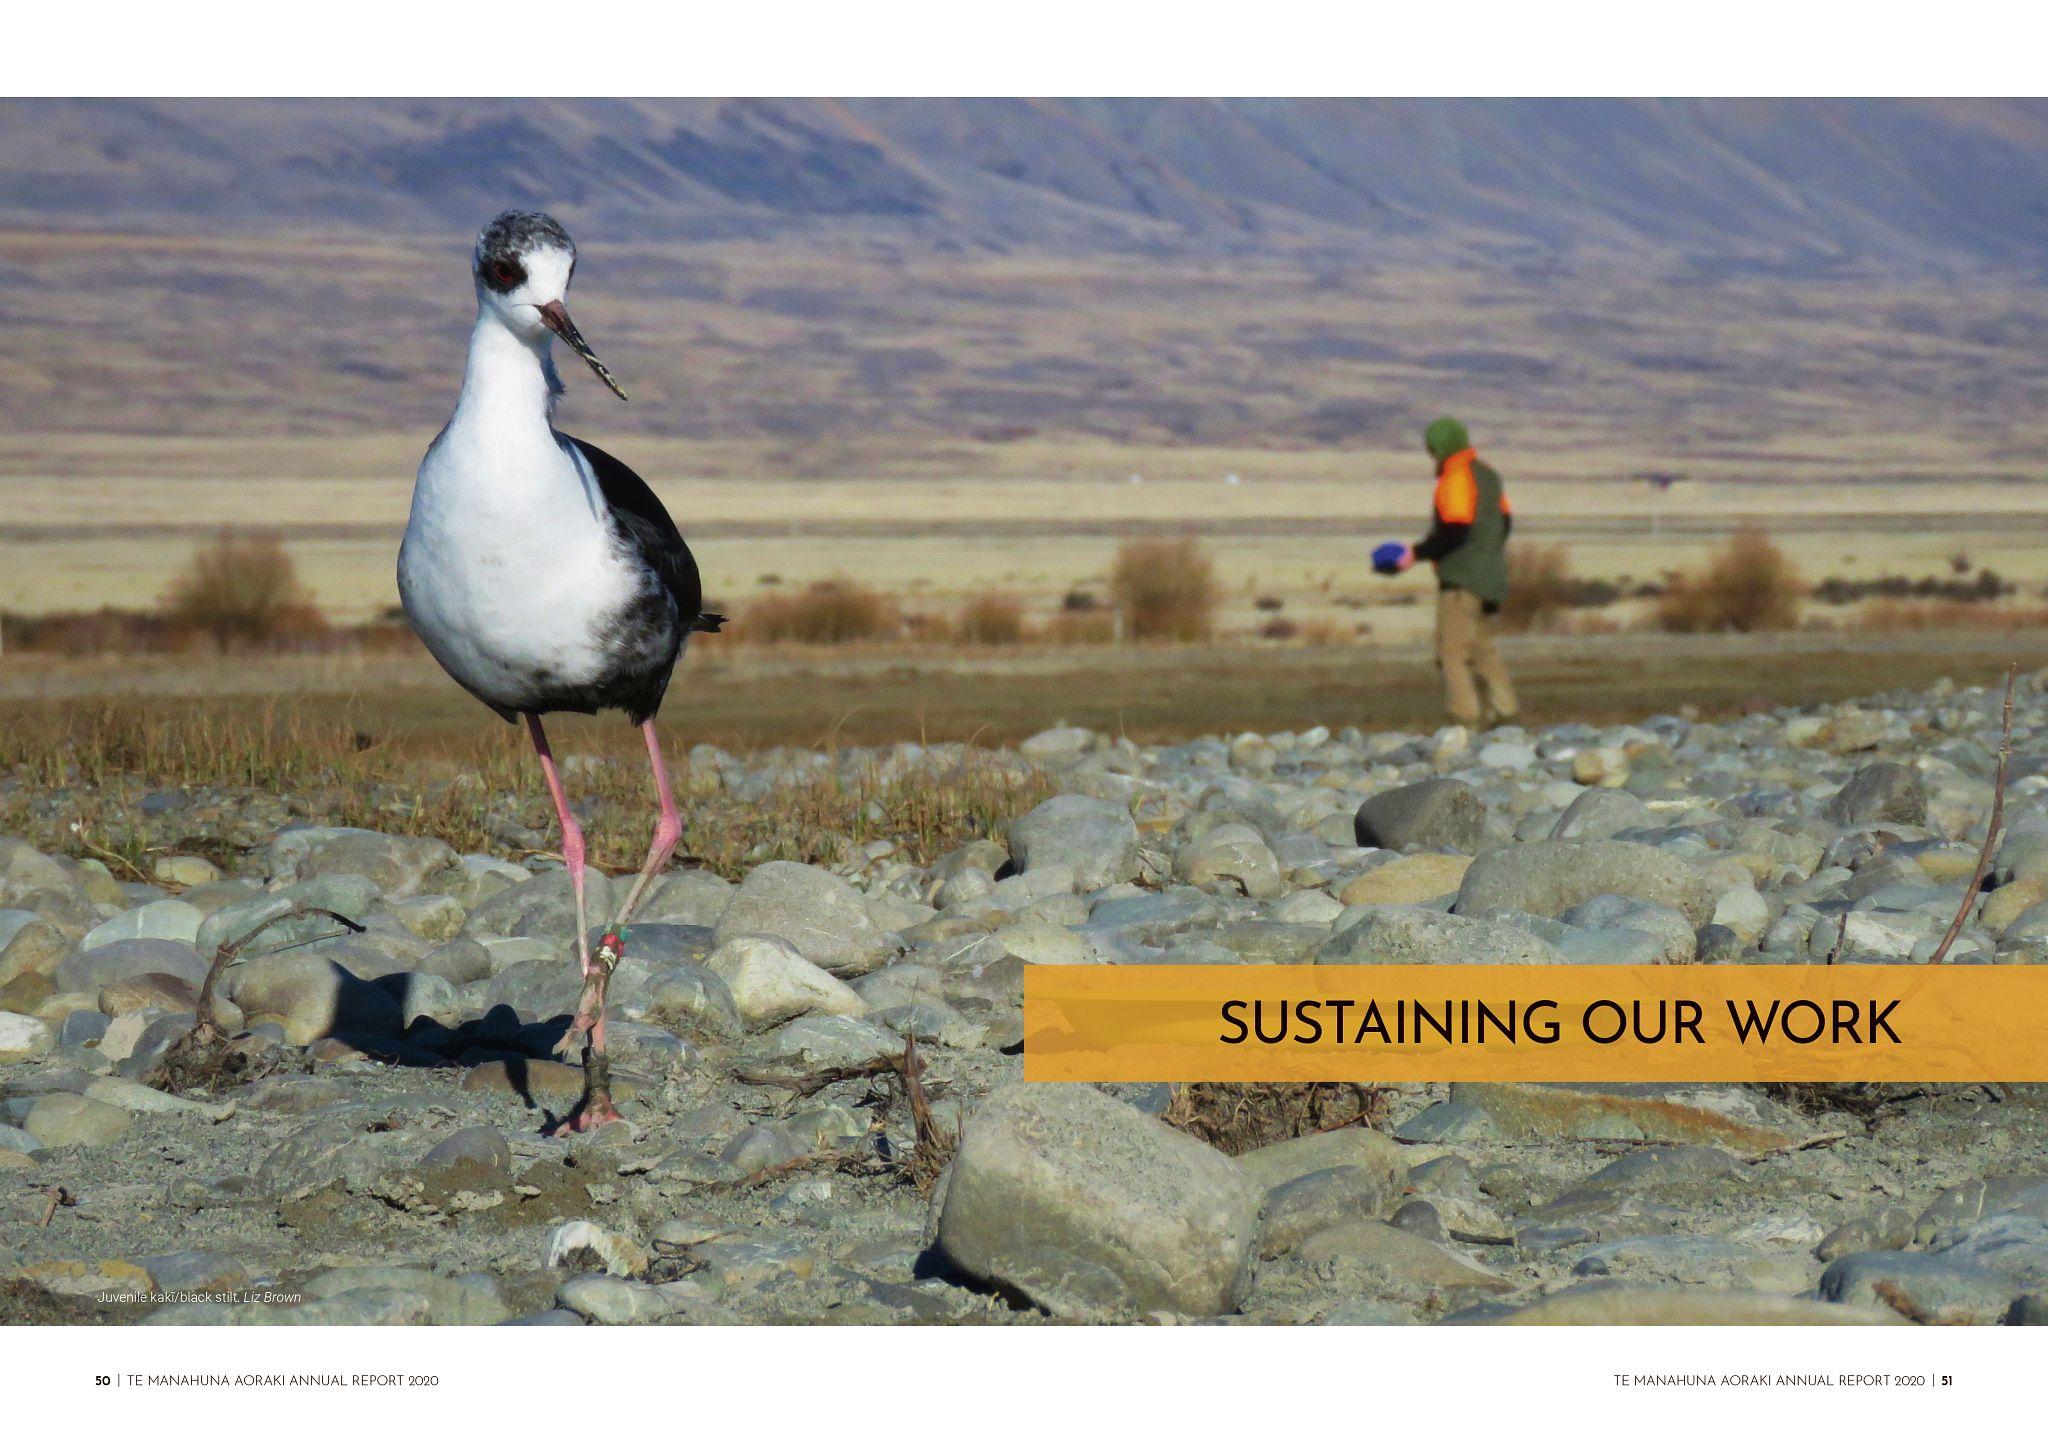 Te Manahuna Aoraki Annual Report 2020